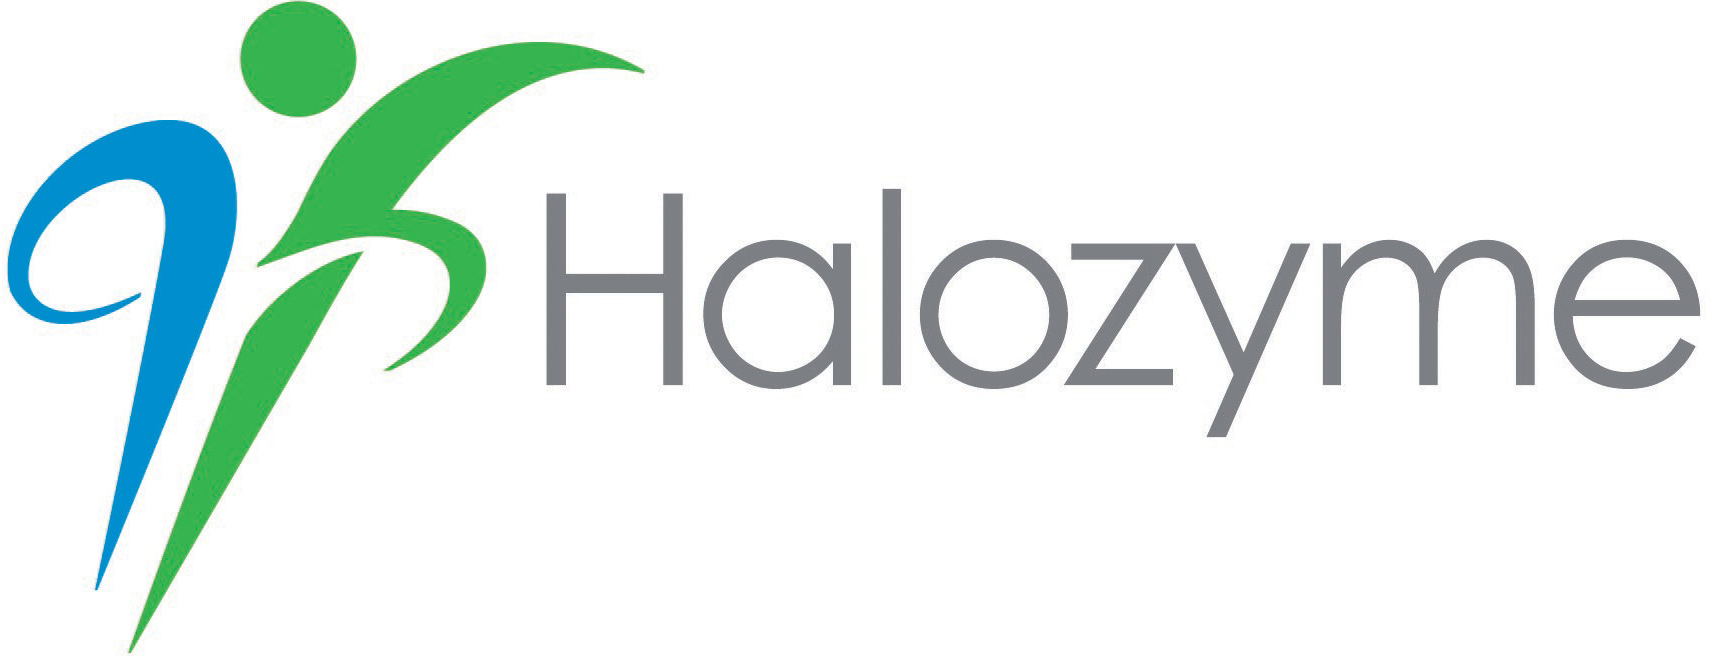 «Хелозайм терапьютикс» (Halozyme Therapeutics).